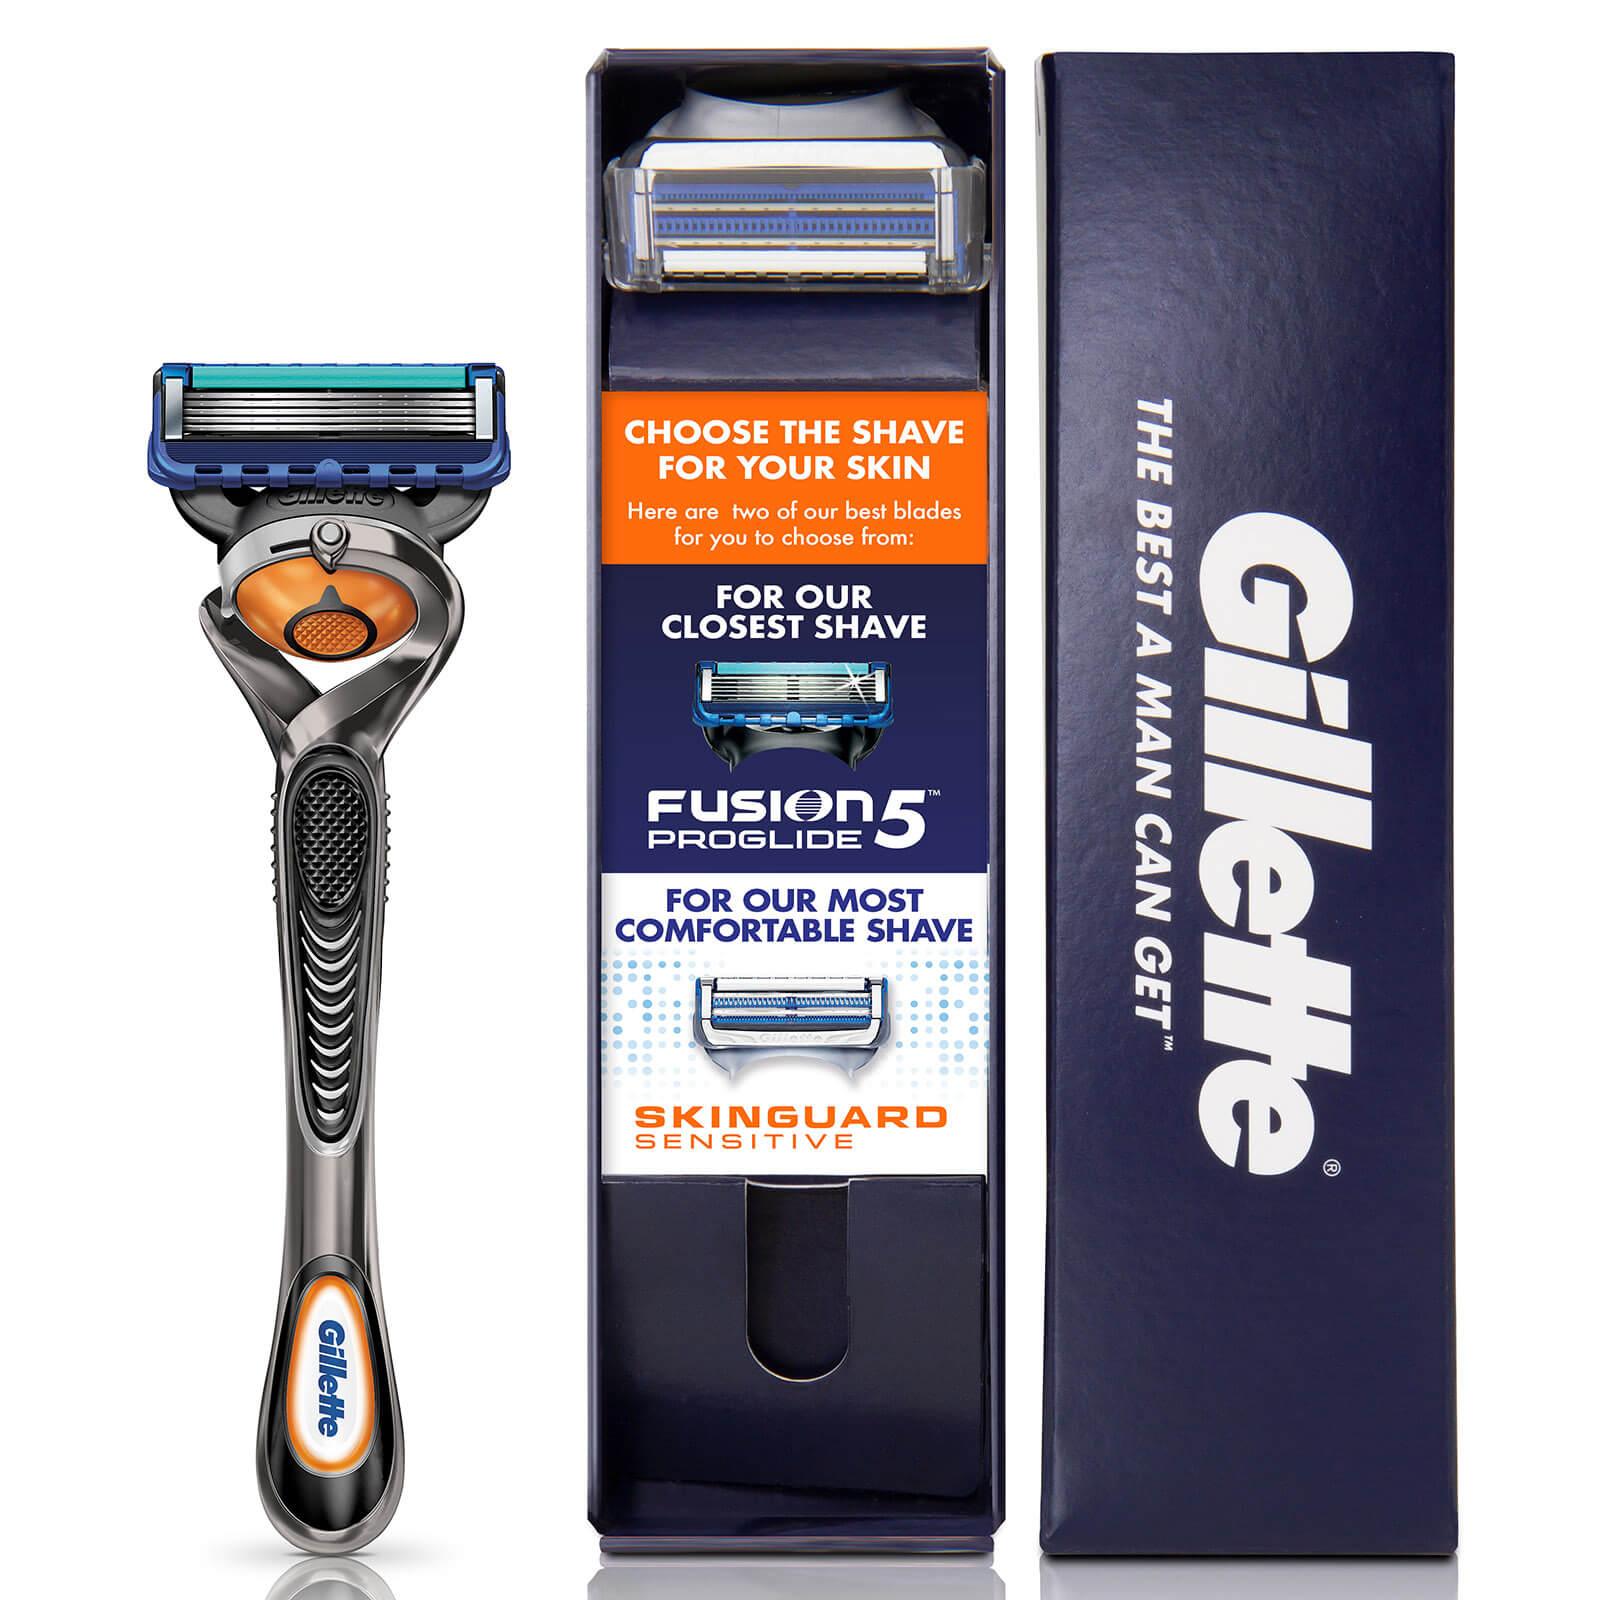 Gillette Fusion5 Men's ProGlide Razor with SkinGuard Sensitive Razor Blade £1.99 with Free Delivery @ Gillette Shop